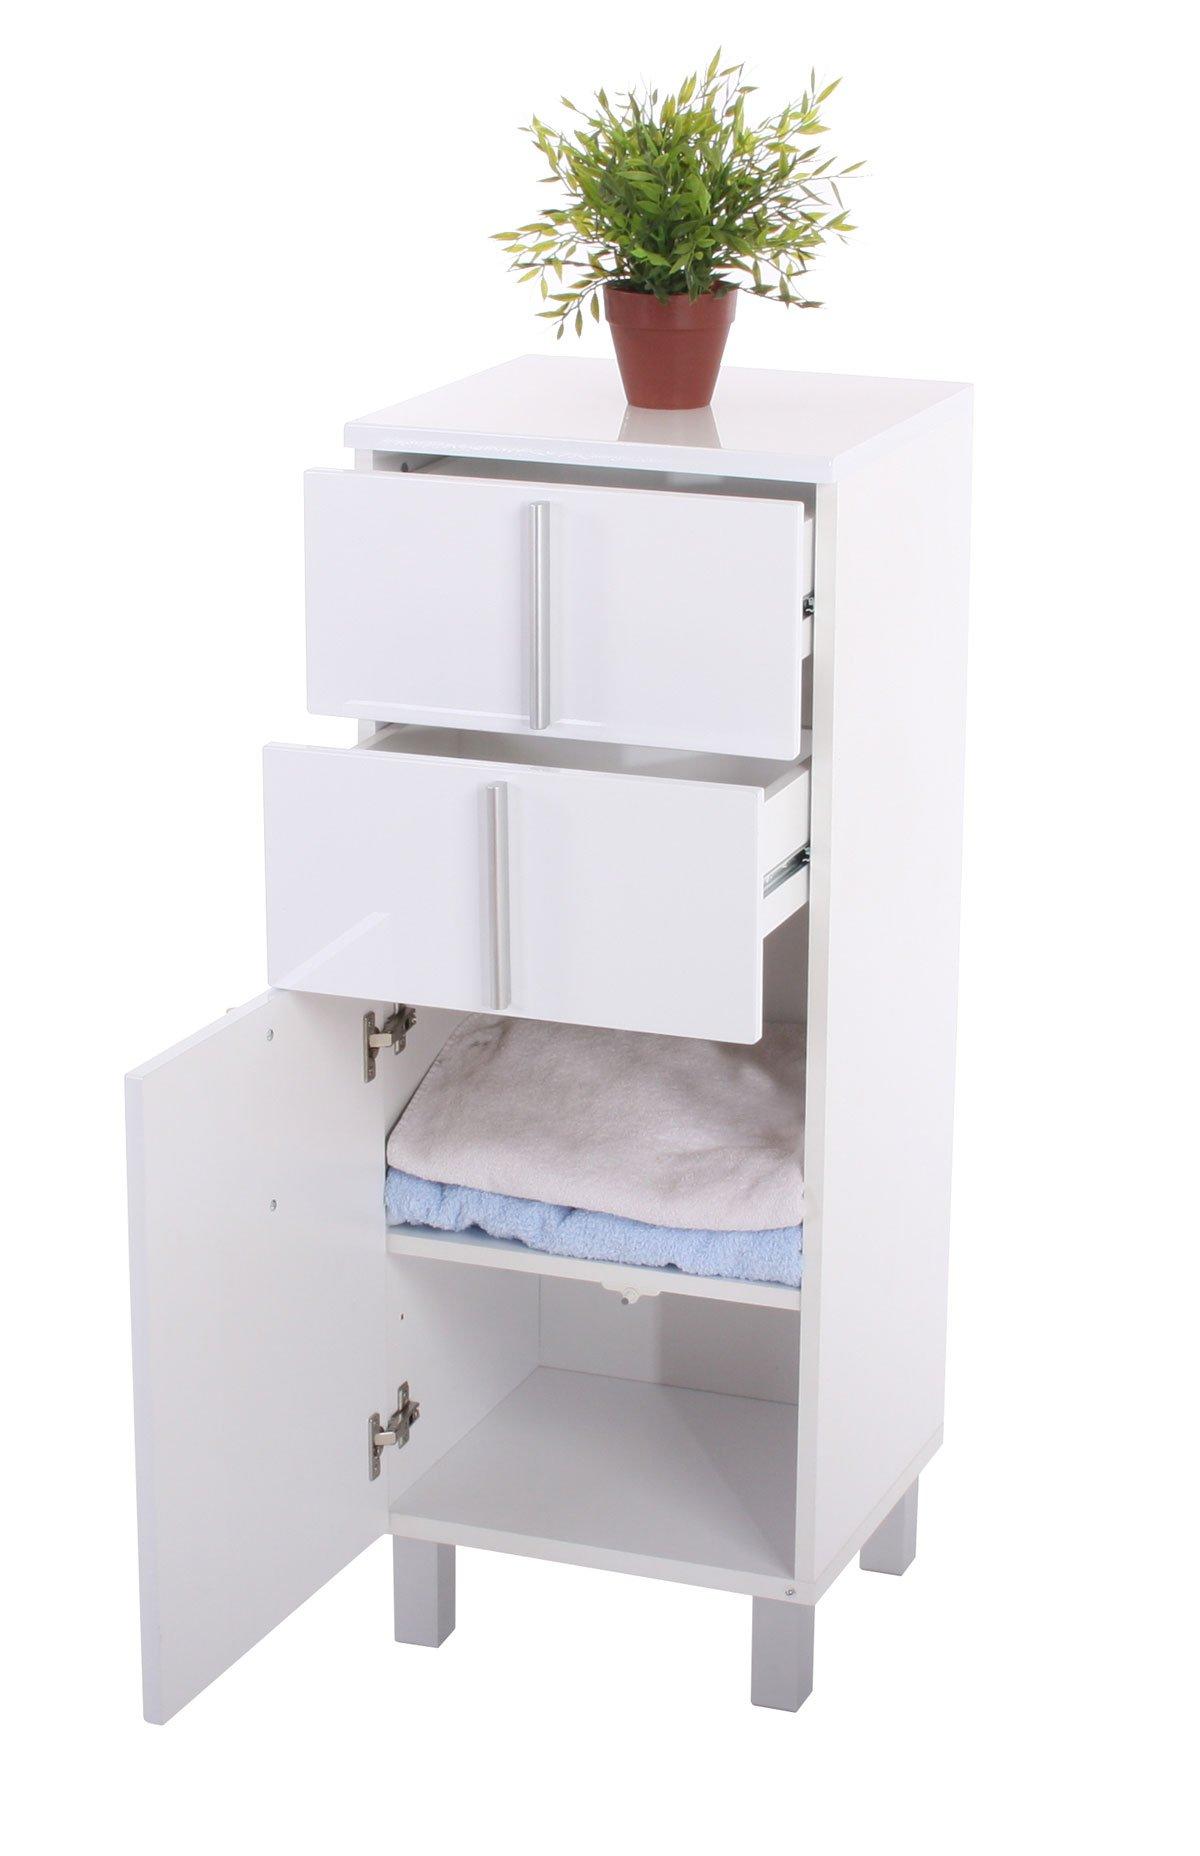 Conjunto de 3 muebles para ba o nordik 2 armarios altos for Armarios altos para bano